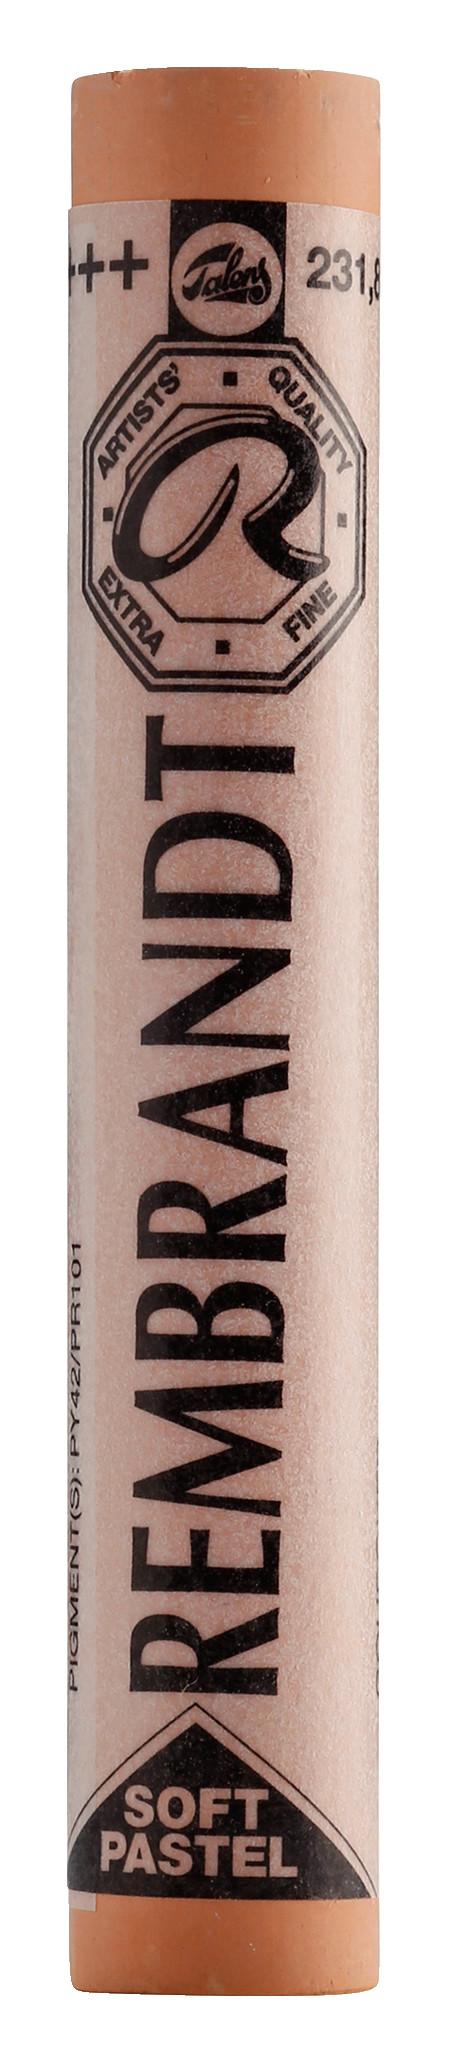 Rembrandt Soft Pastel Round Full Stick Gold Ochre(8) (231.8)